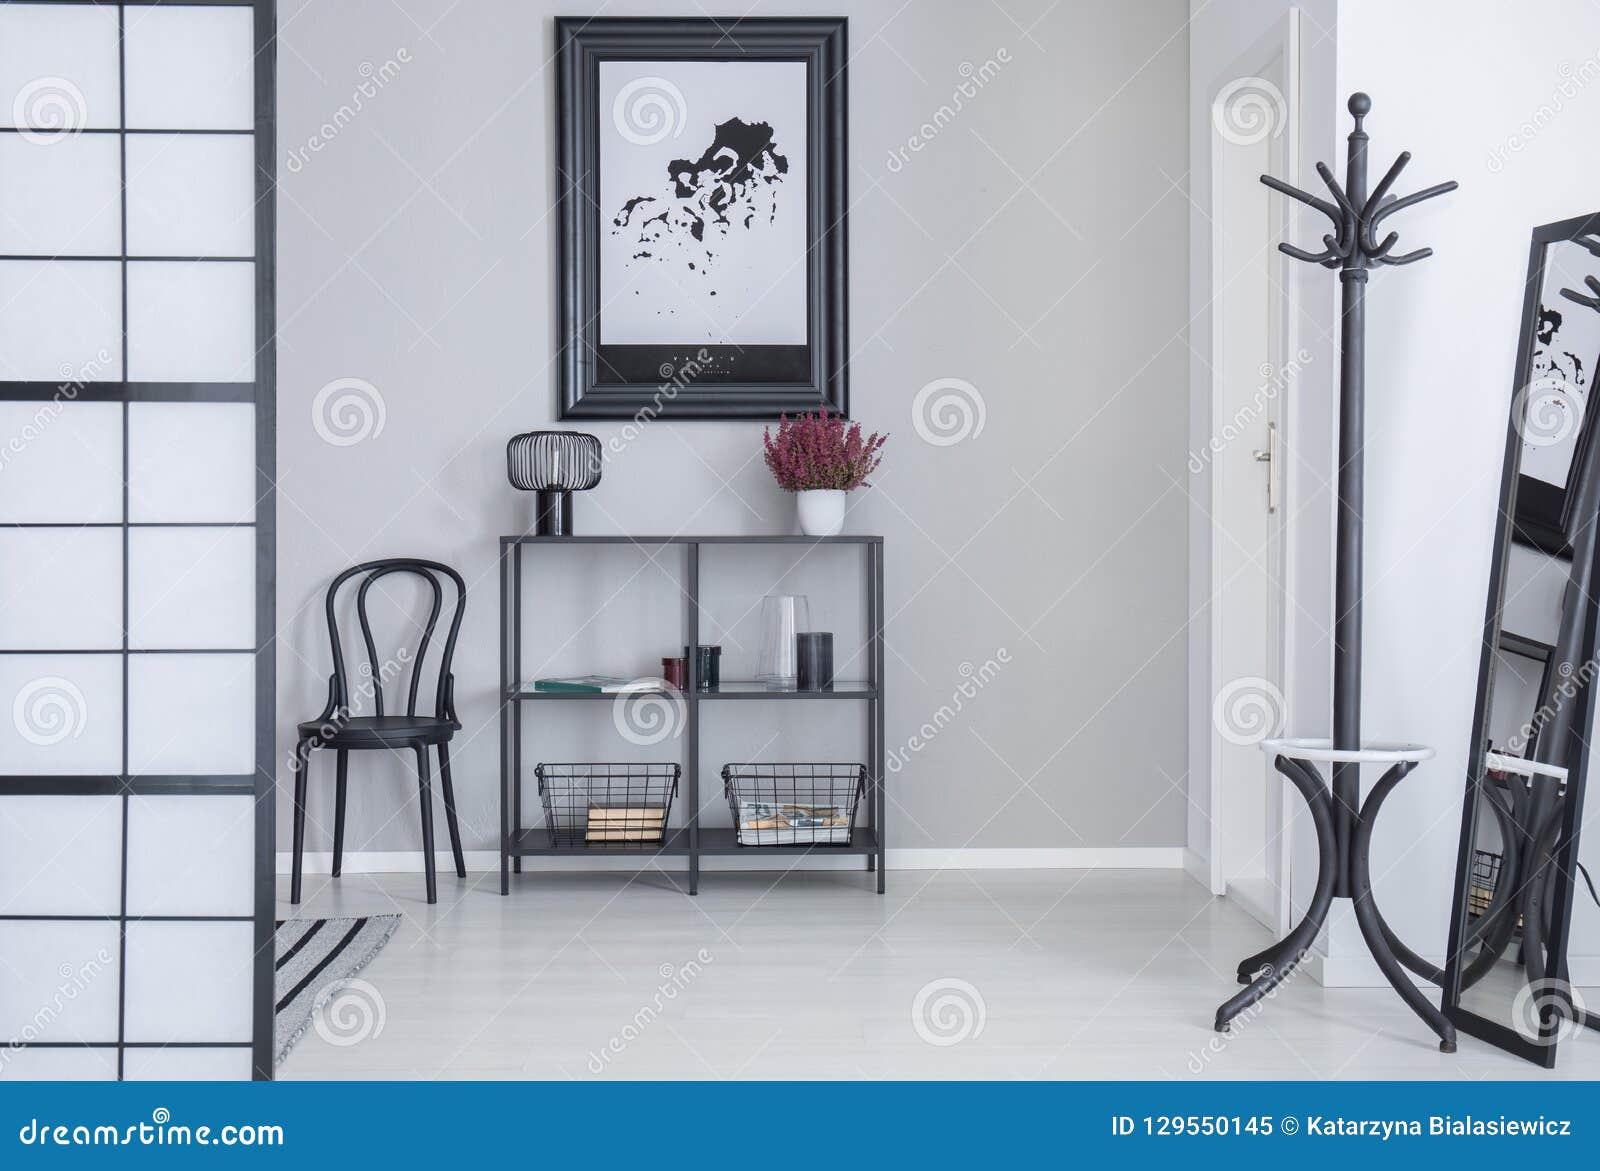 Affisch ovanför hyllor med blommor och lampan i den vita enkla korridorinre med kuggen och svart stol